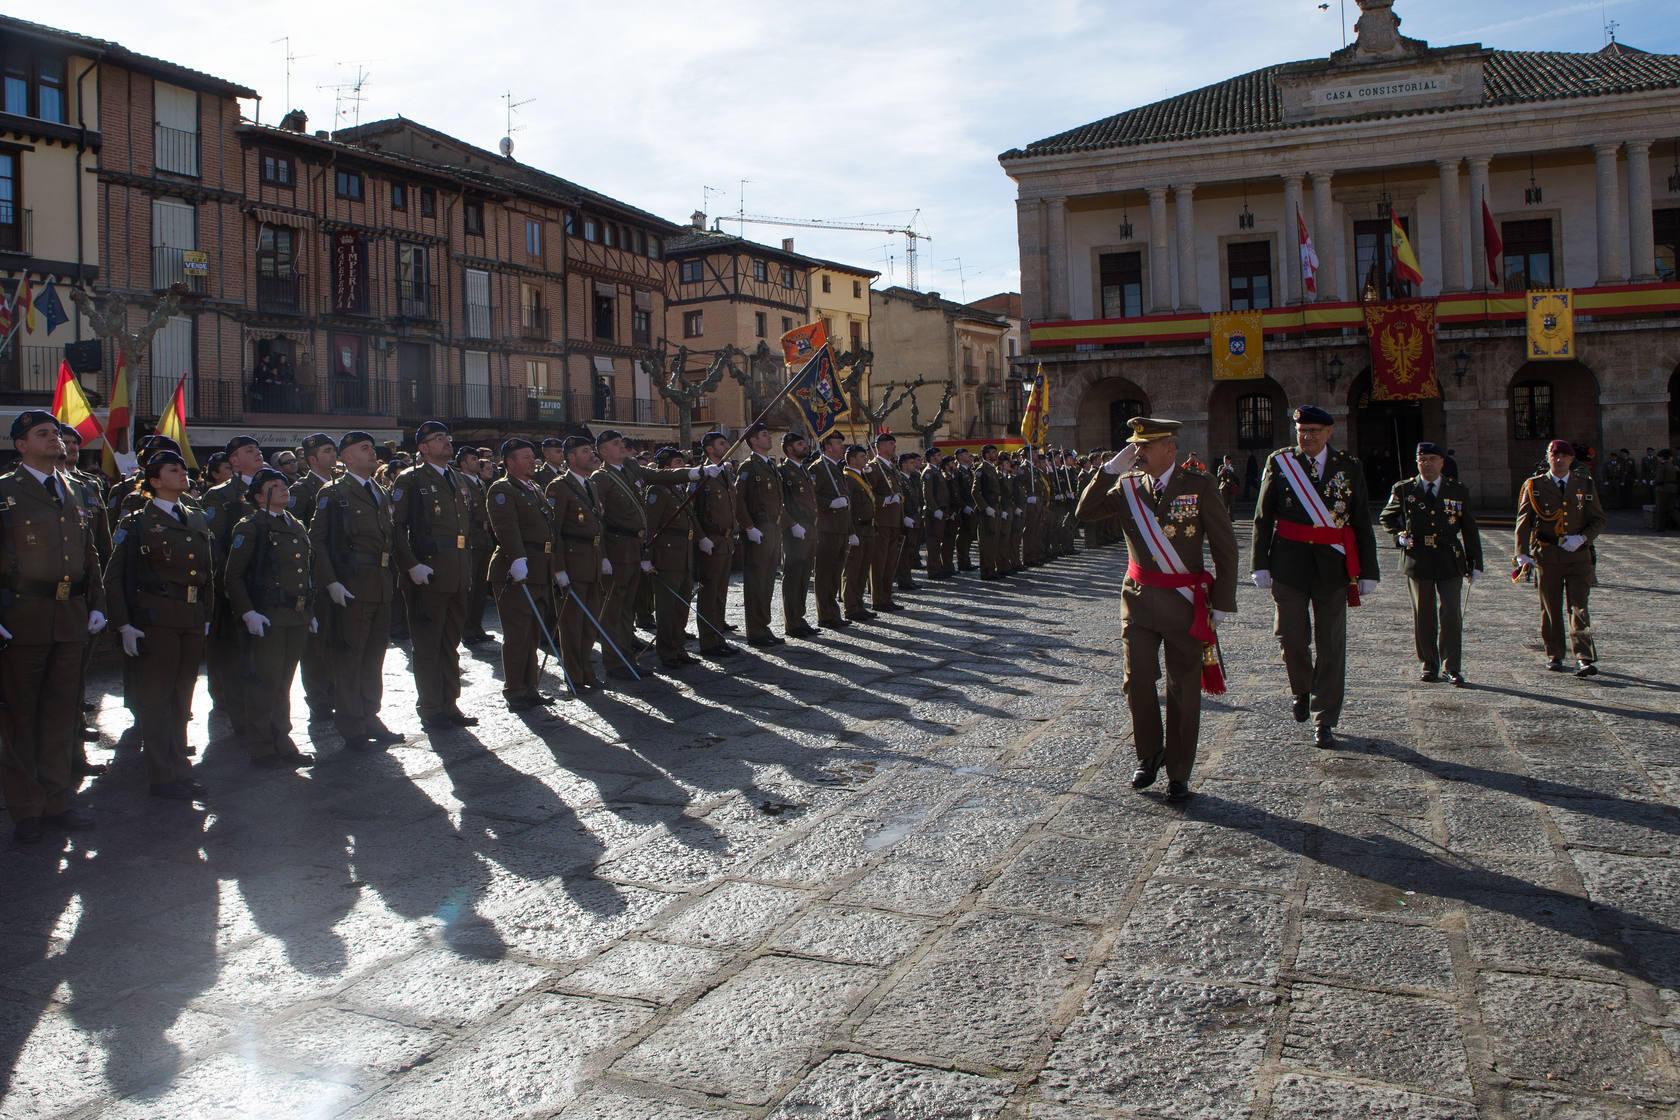 Acto de entrega de Estandarte a la Agrupación del Hospital de Campaña (Agruhoc) de la Brigada de Sanidad del Ejército de Tierra en Toro, Zamora